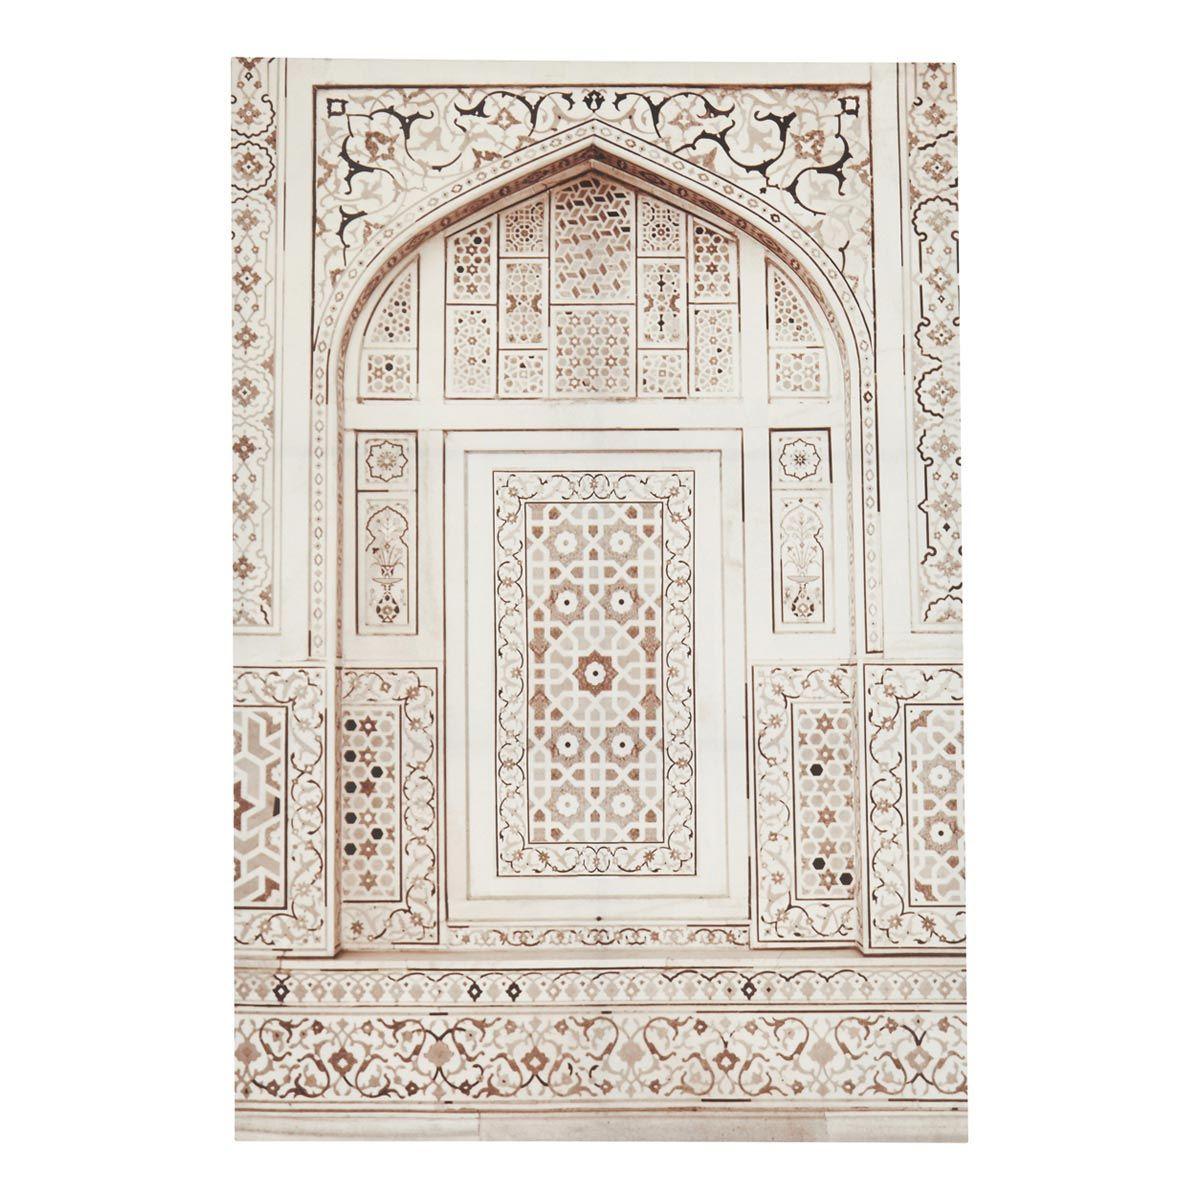 Wanddekoration Maison du monde, Deco maison du monde et